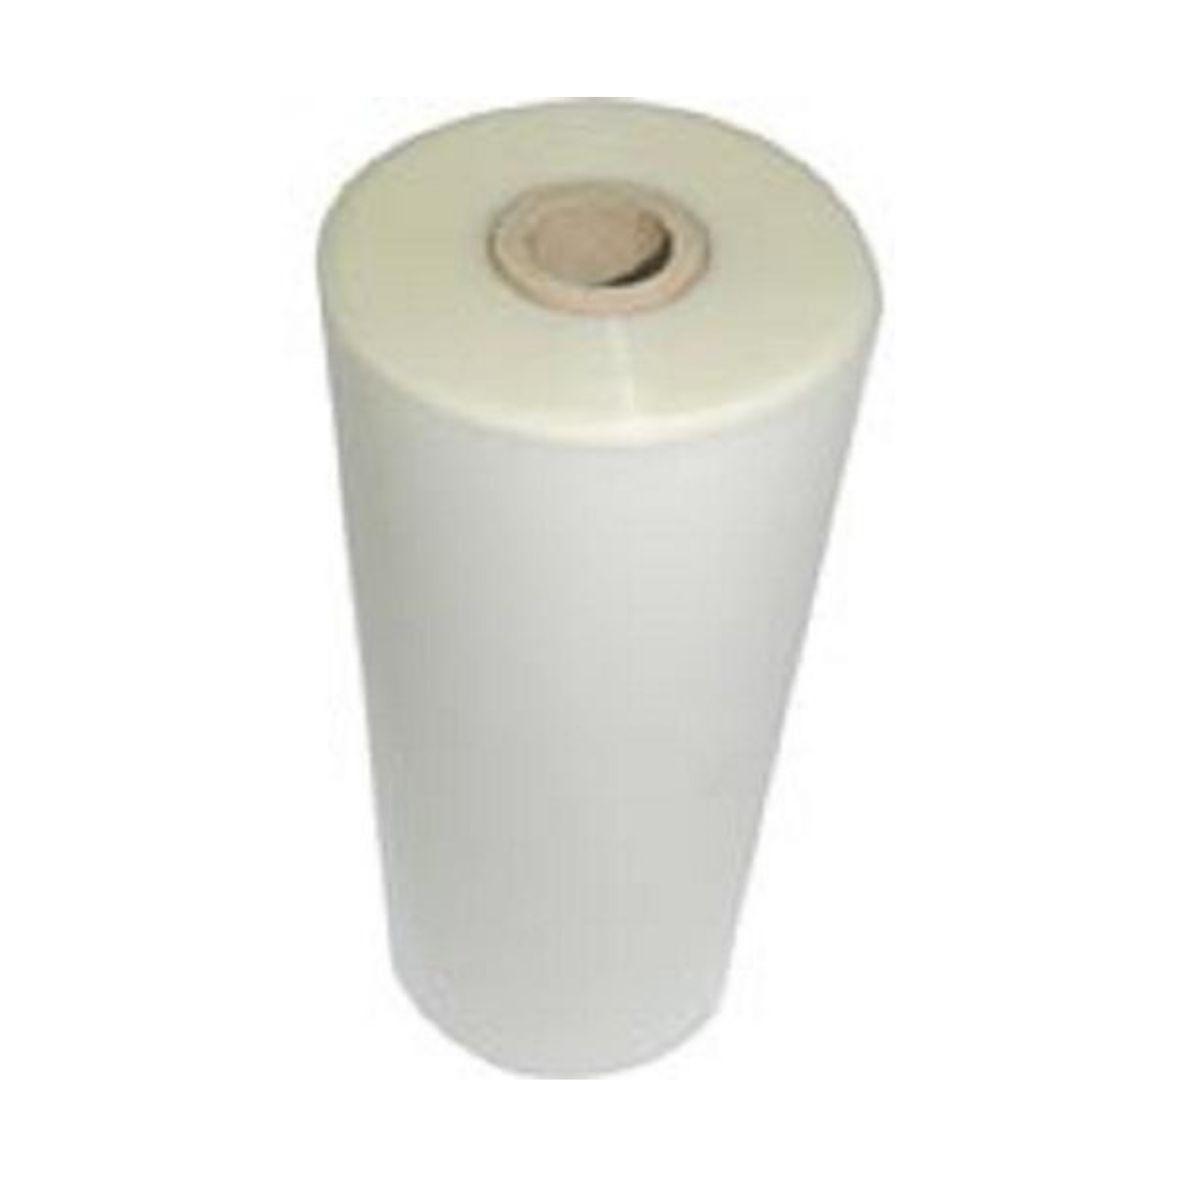 Bobina para Plastificação Oficio 23cm x 45M x 0,08mm (190 micras)  - Click Suprimentos